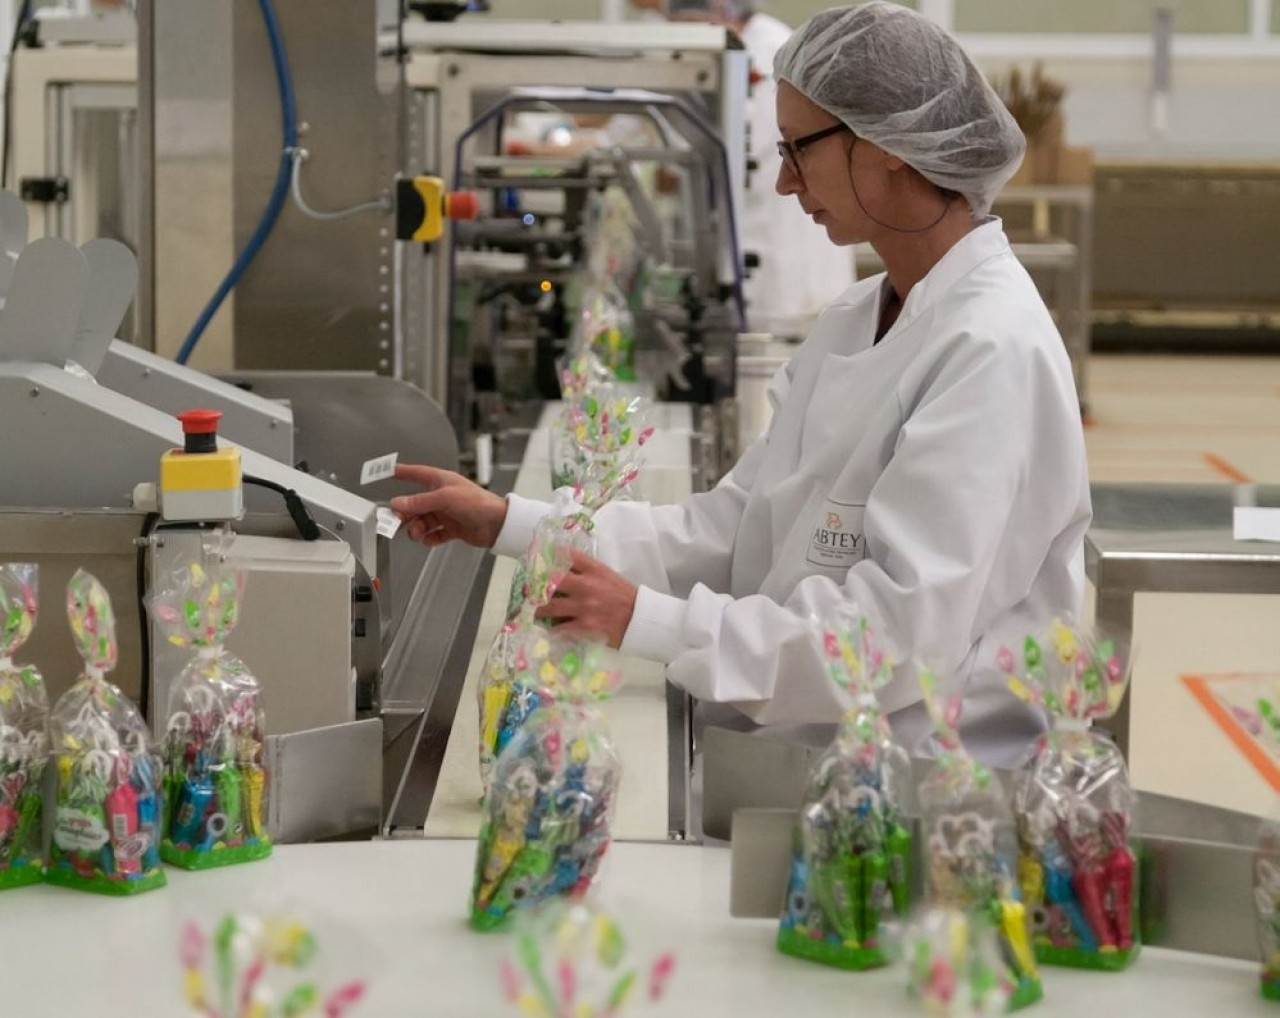 La gamme liqueur, spécialité d'Abtey, procure une moitié du chiffre d'affaires à Pâques, l'autre à Noël. ©Panoramaweb